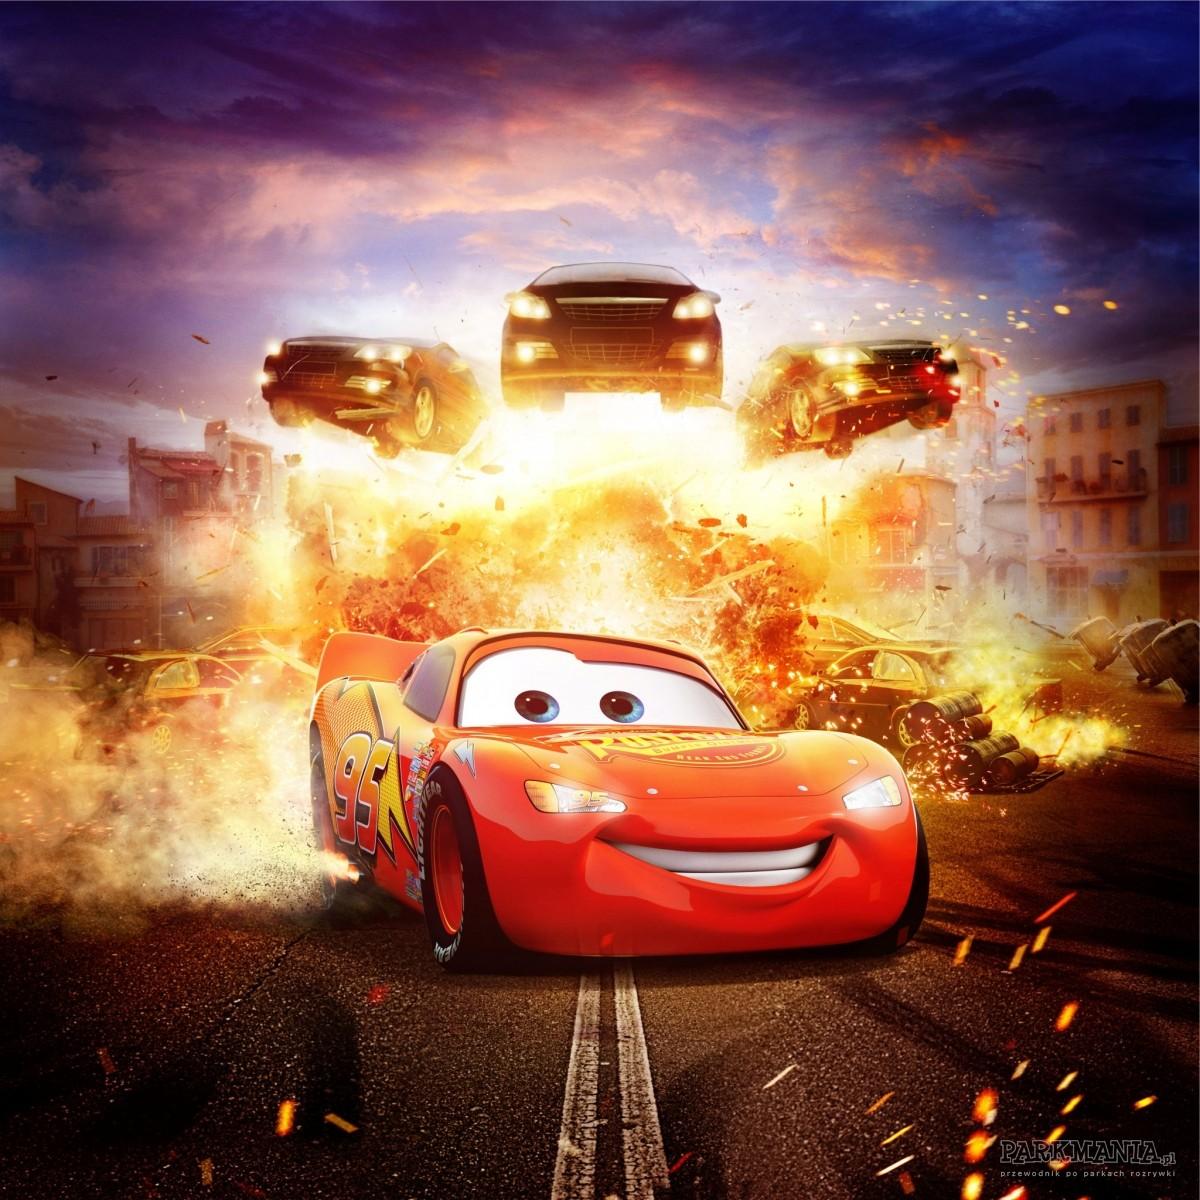 W kalifornijskim Disneylandzie w czerwcu otworzony zostanie 'Cars Land'